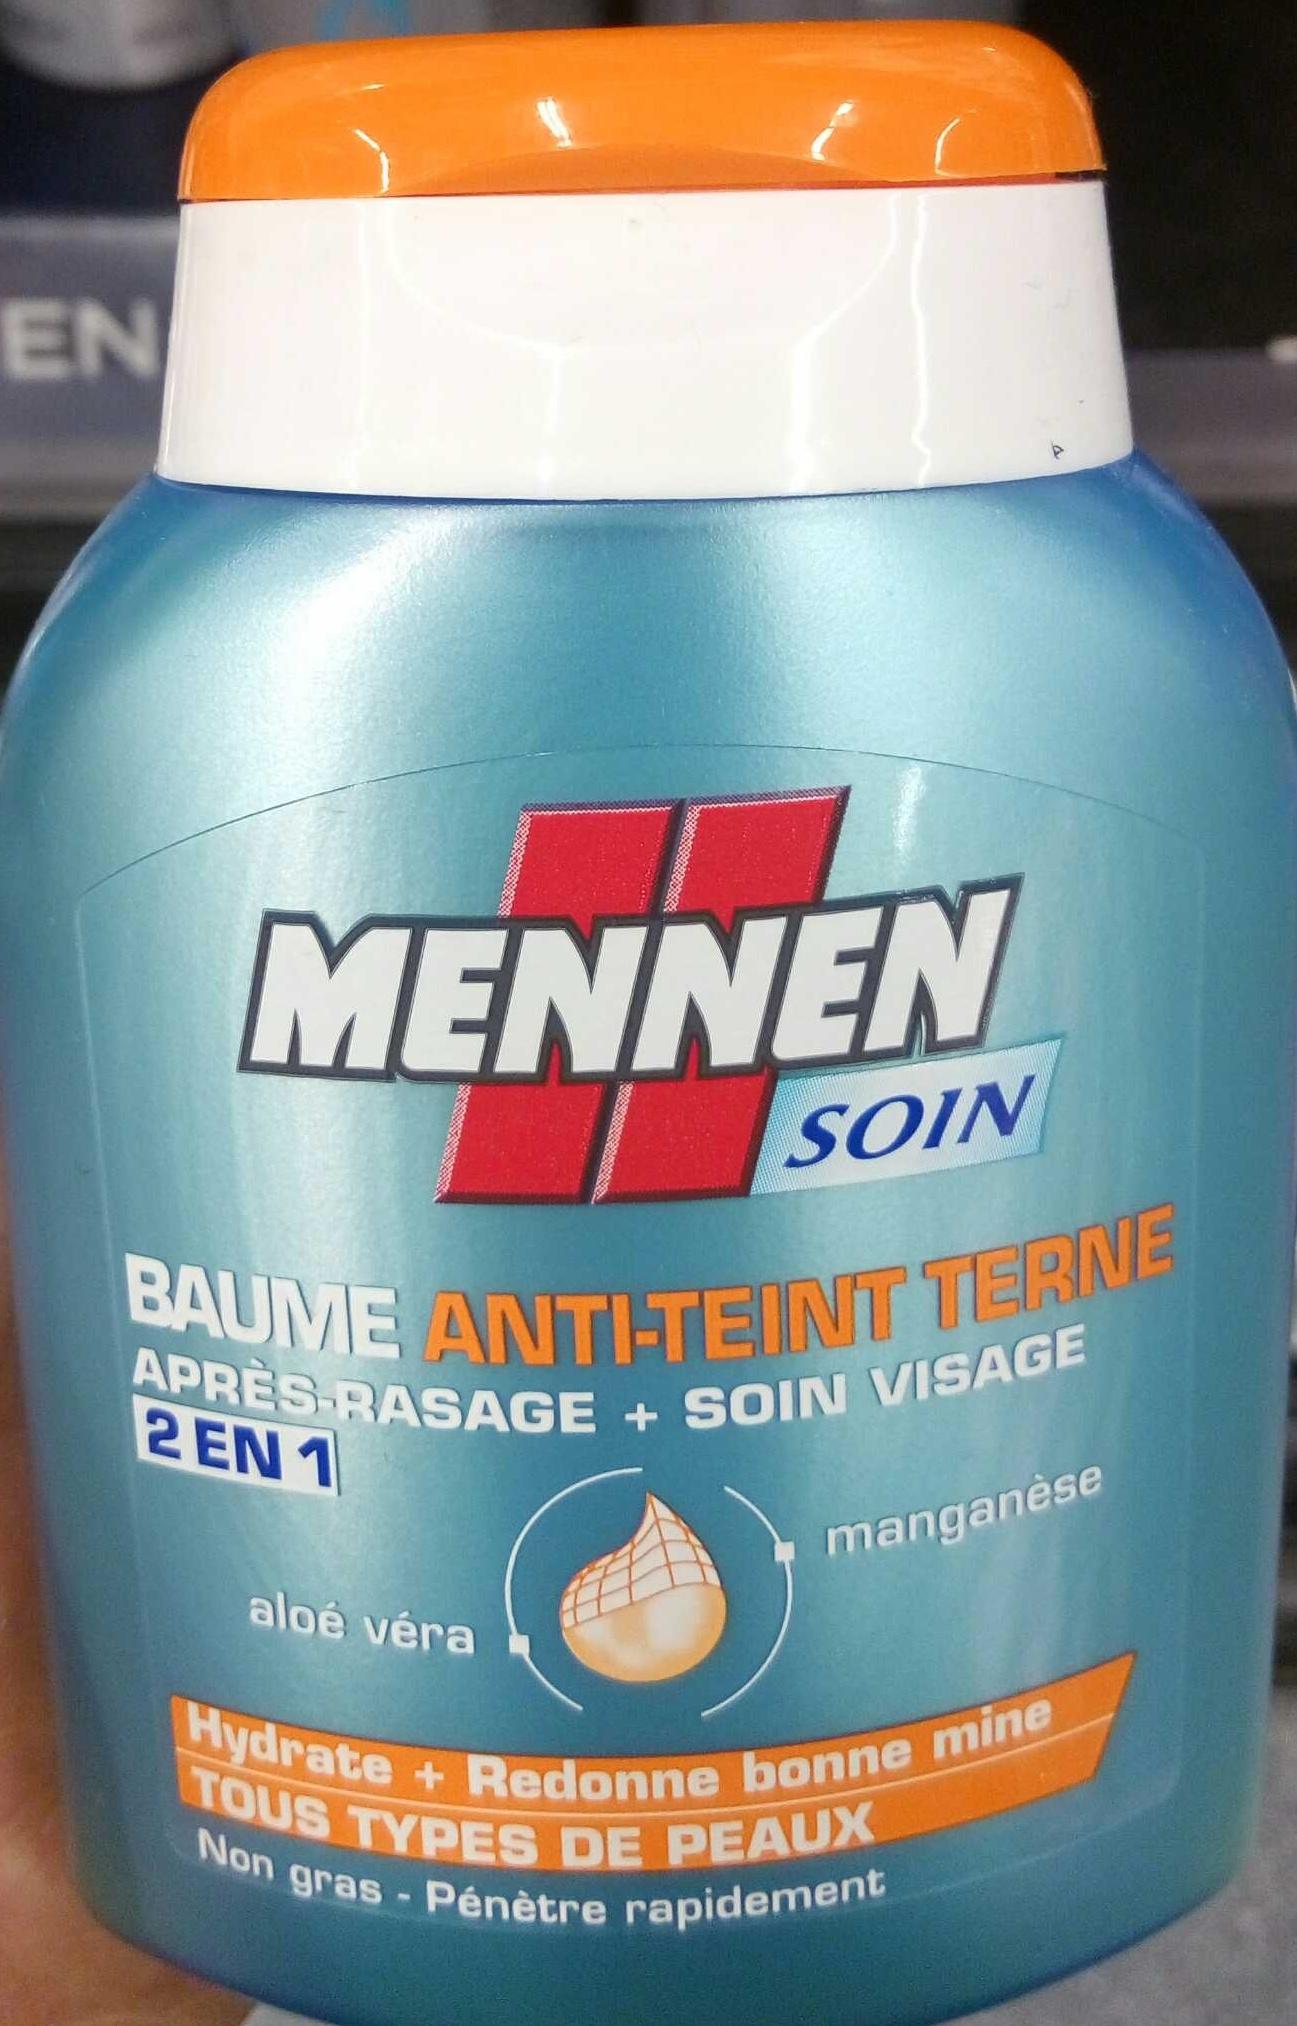 Baume Anti-Teint Terne après rasage soin visage 2 en 1 - Produit - fr